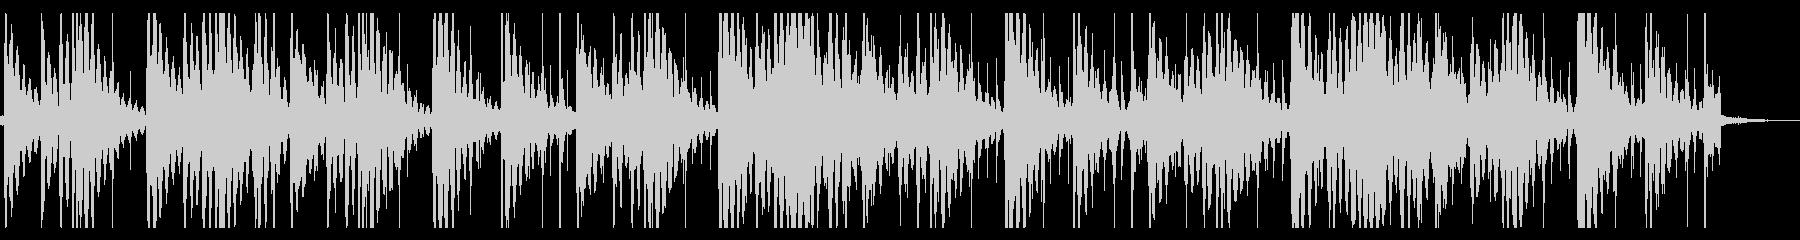 寂しいローファイヒップホップ_391_2の未再生の波形